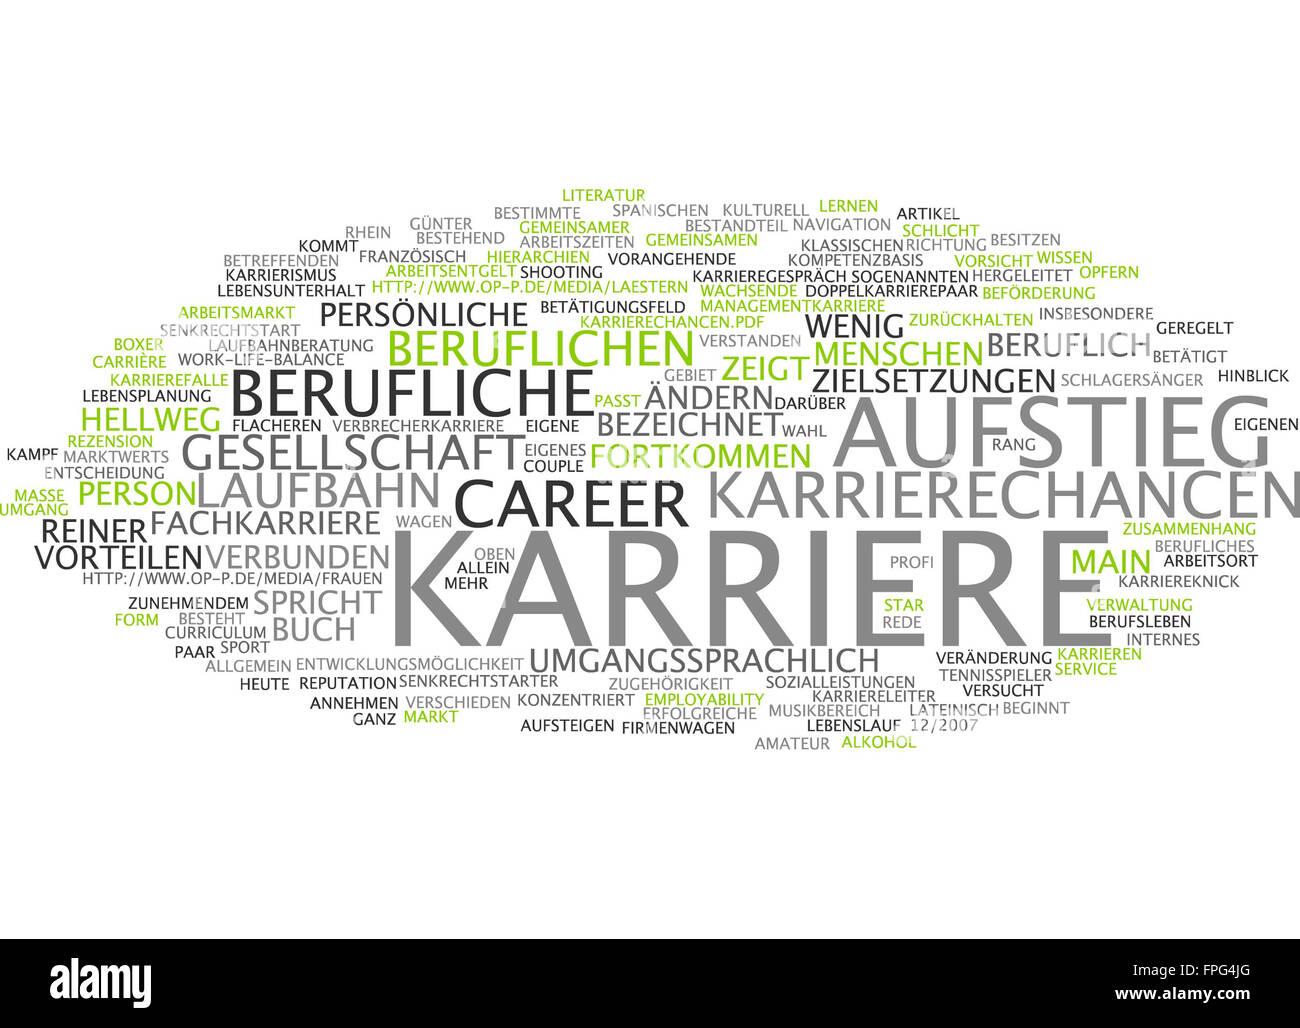 Charmant Bester Lebenslauf Für Berufliche Veränderung Bilder ...